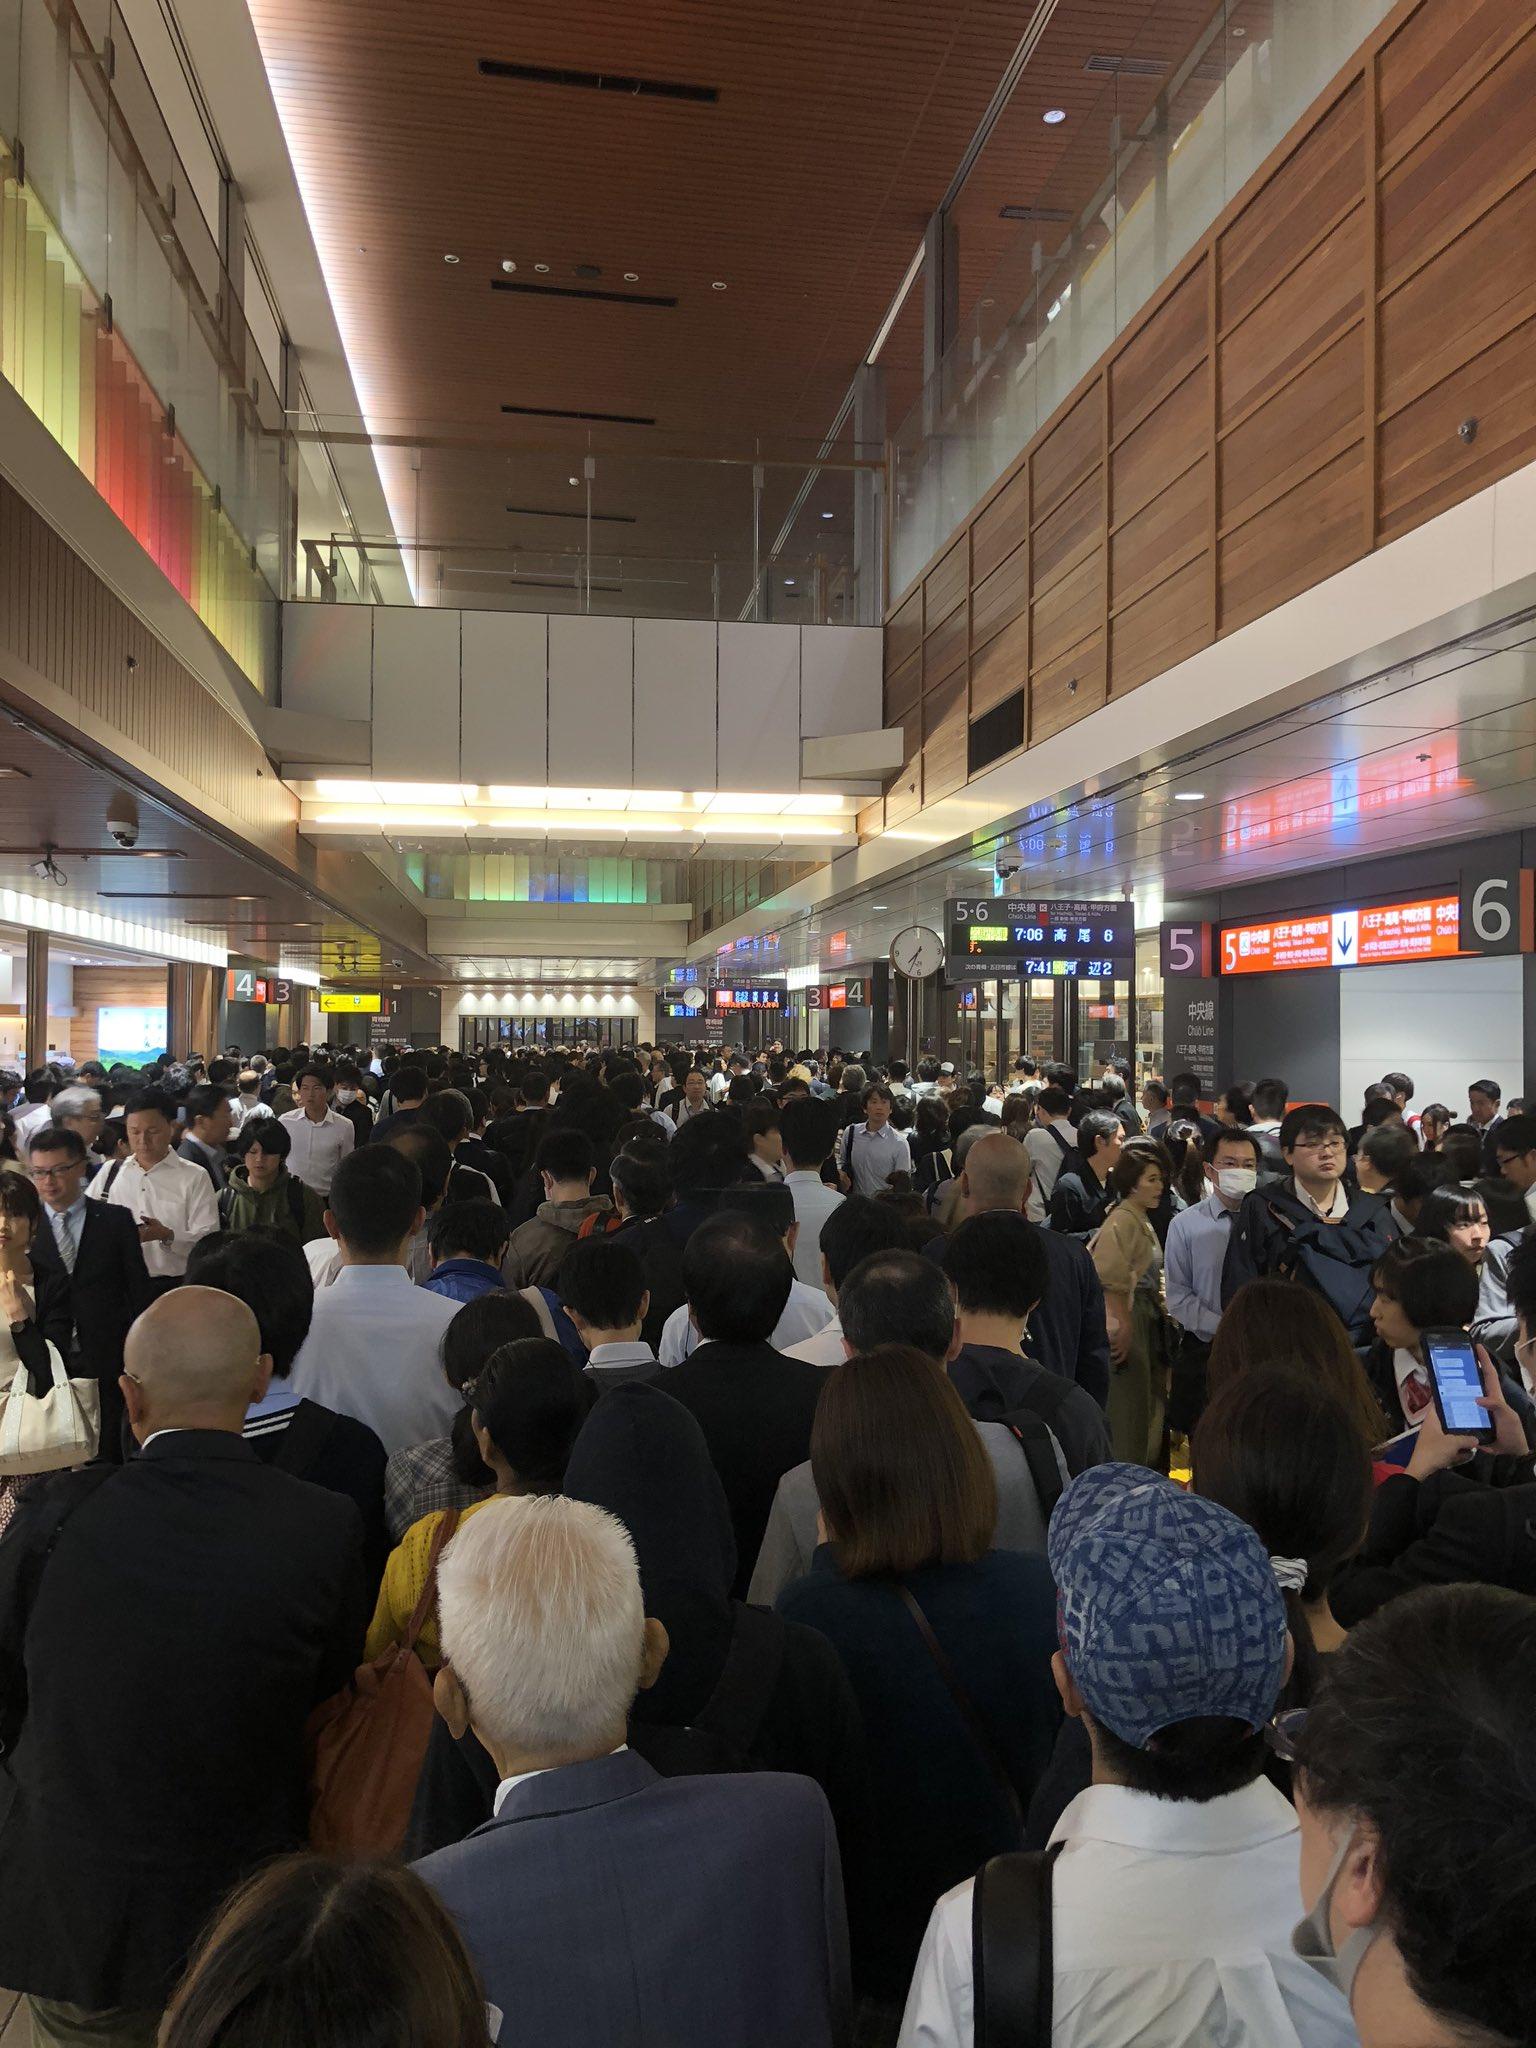 通勤ラッシュに人身事故が発生し立川駅が混雑している現場画像